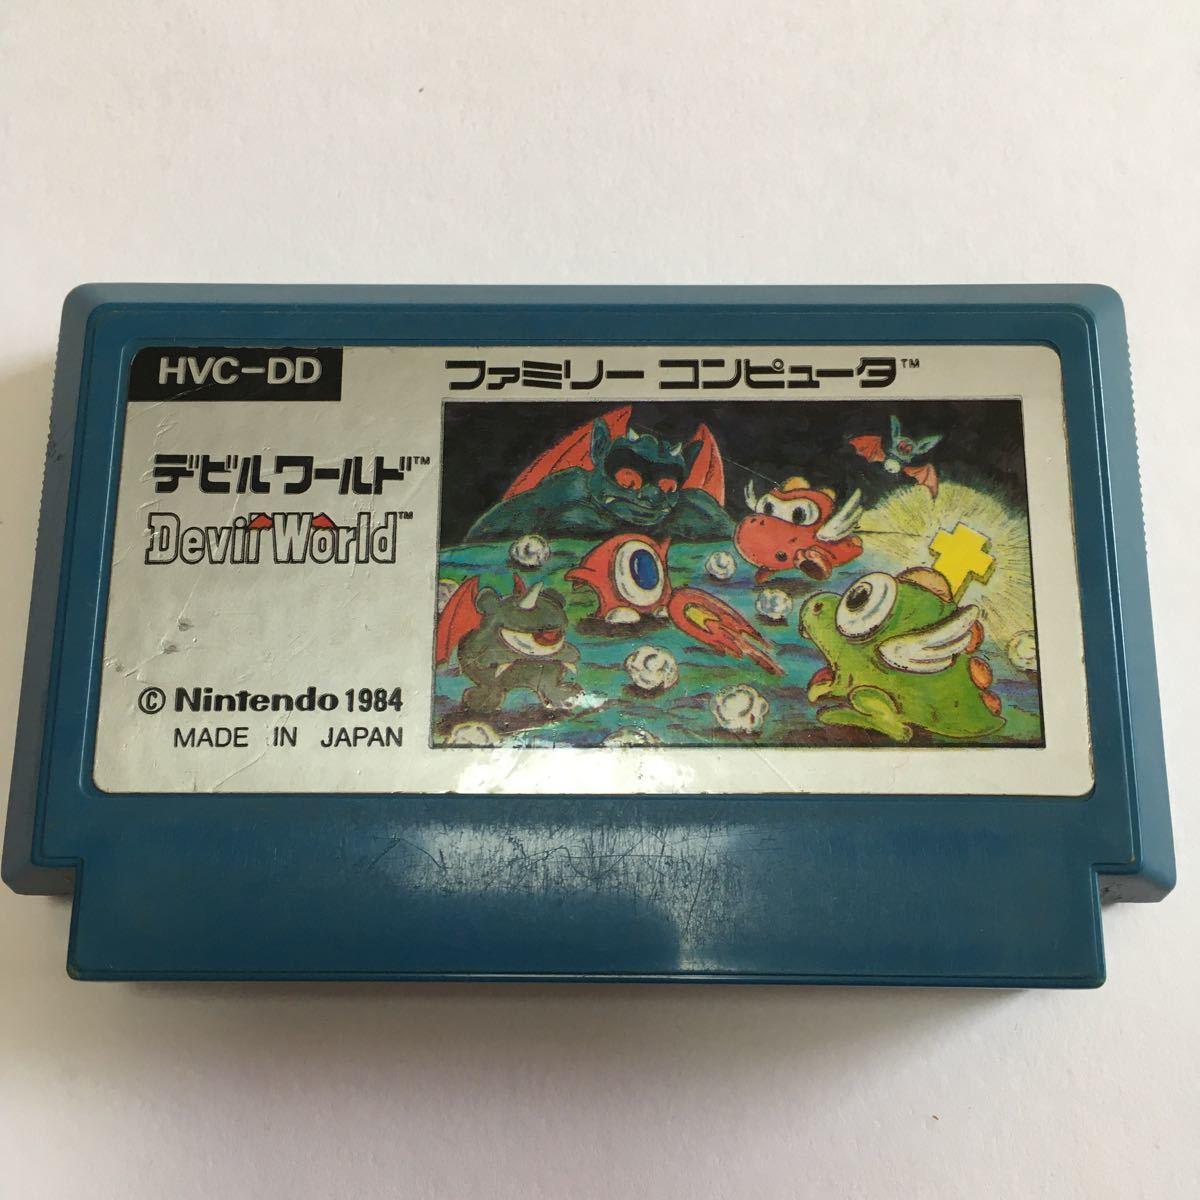 ファミコン ソフト カセット まとめ売り 動作確認済み つっぱり大相撲 三国志 ウルティマ ドラゴンボール デビルワールド レトロ